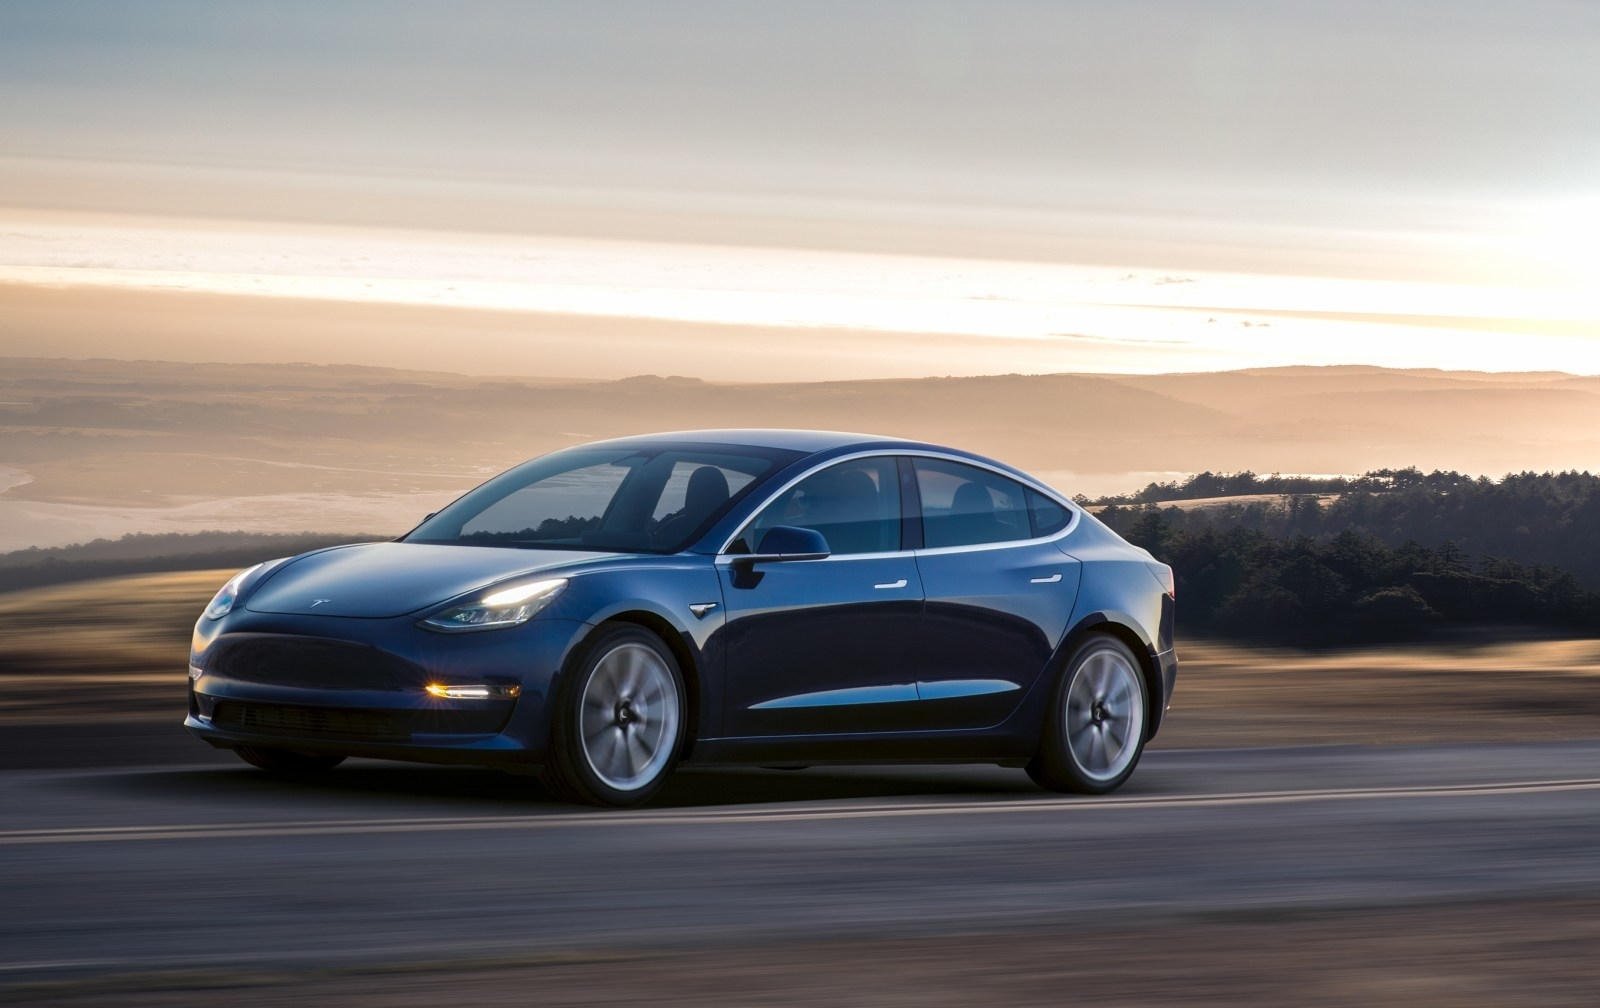 """207b64c25d O Tesla Model 3 é um veículo para a gama média mas a """"fugir"""" para a gama  alta. Tem sido recebido com algum entusiasmo mas a falta de algumas ..."""